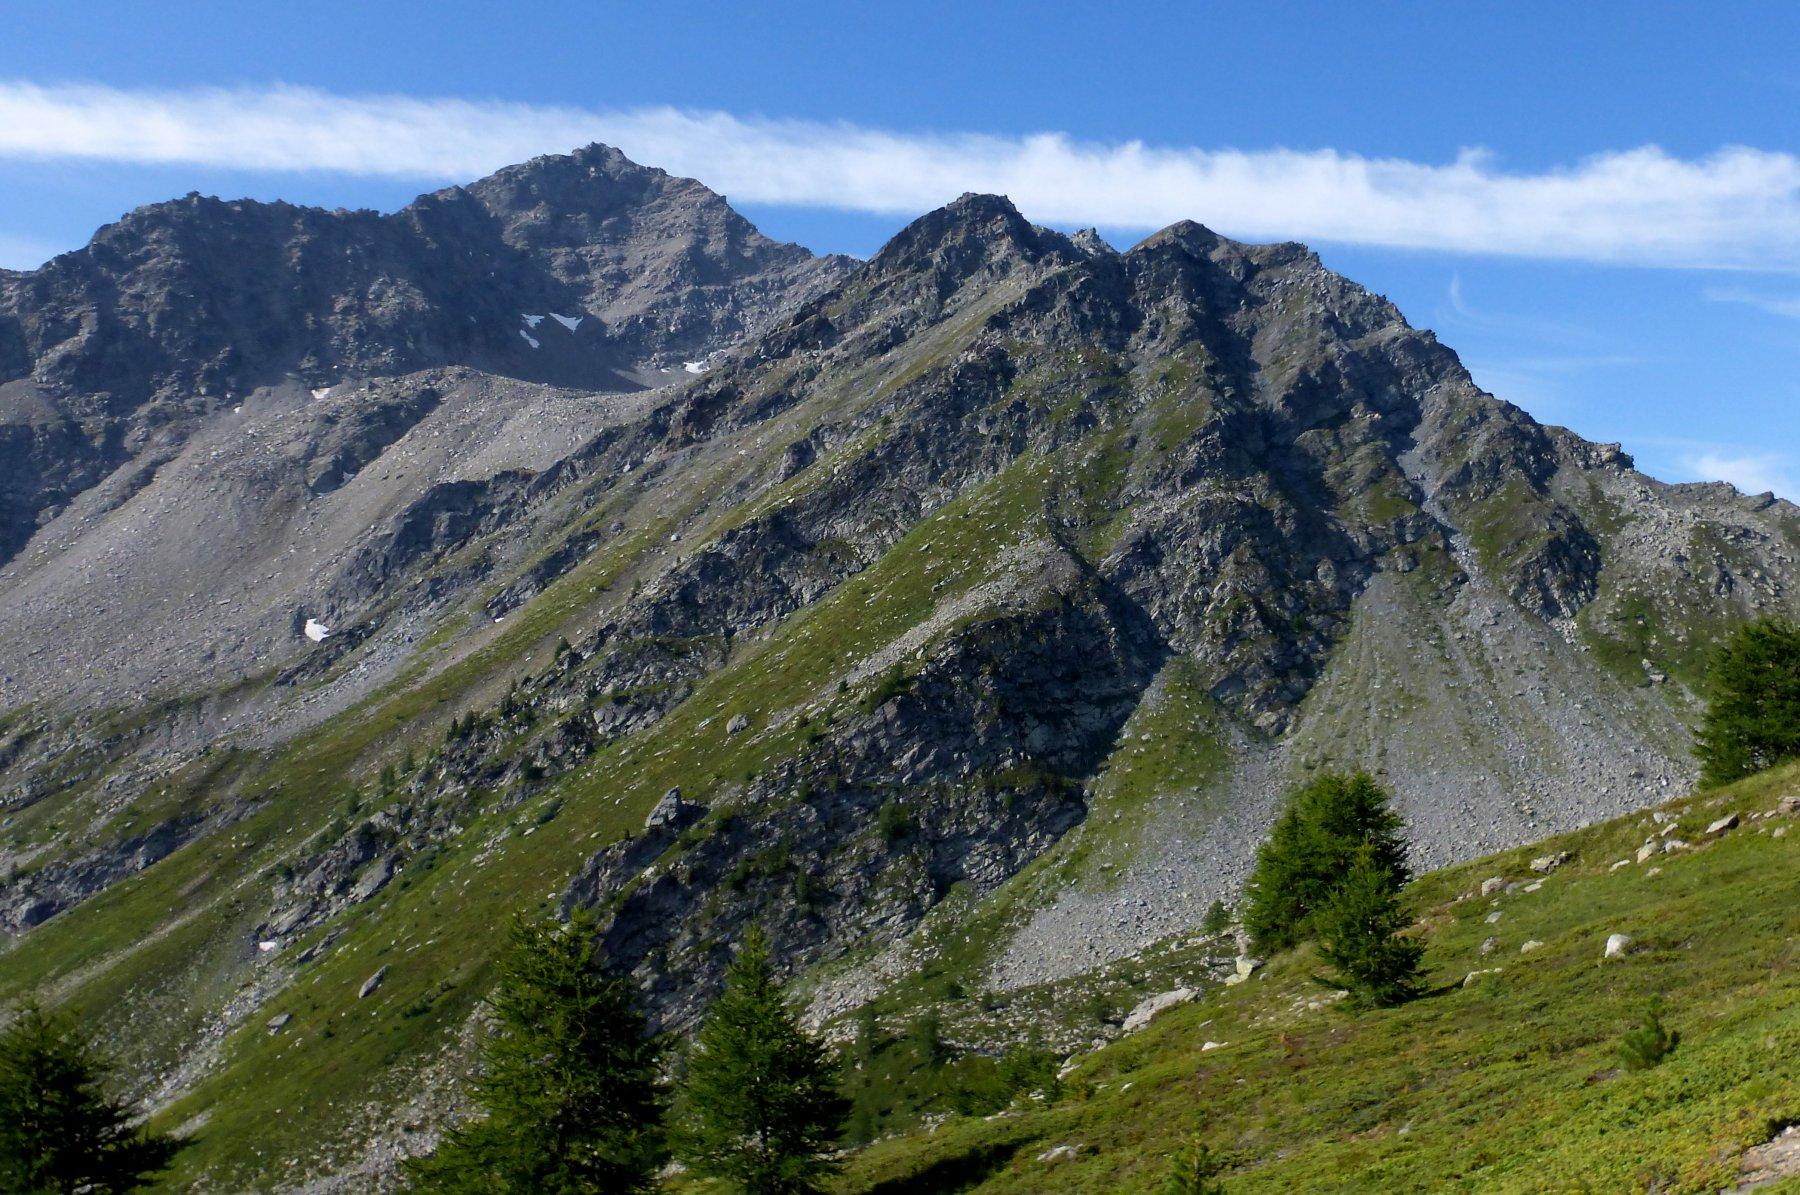 le cresta dal sentiero iniziale